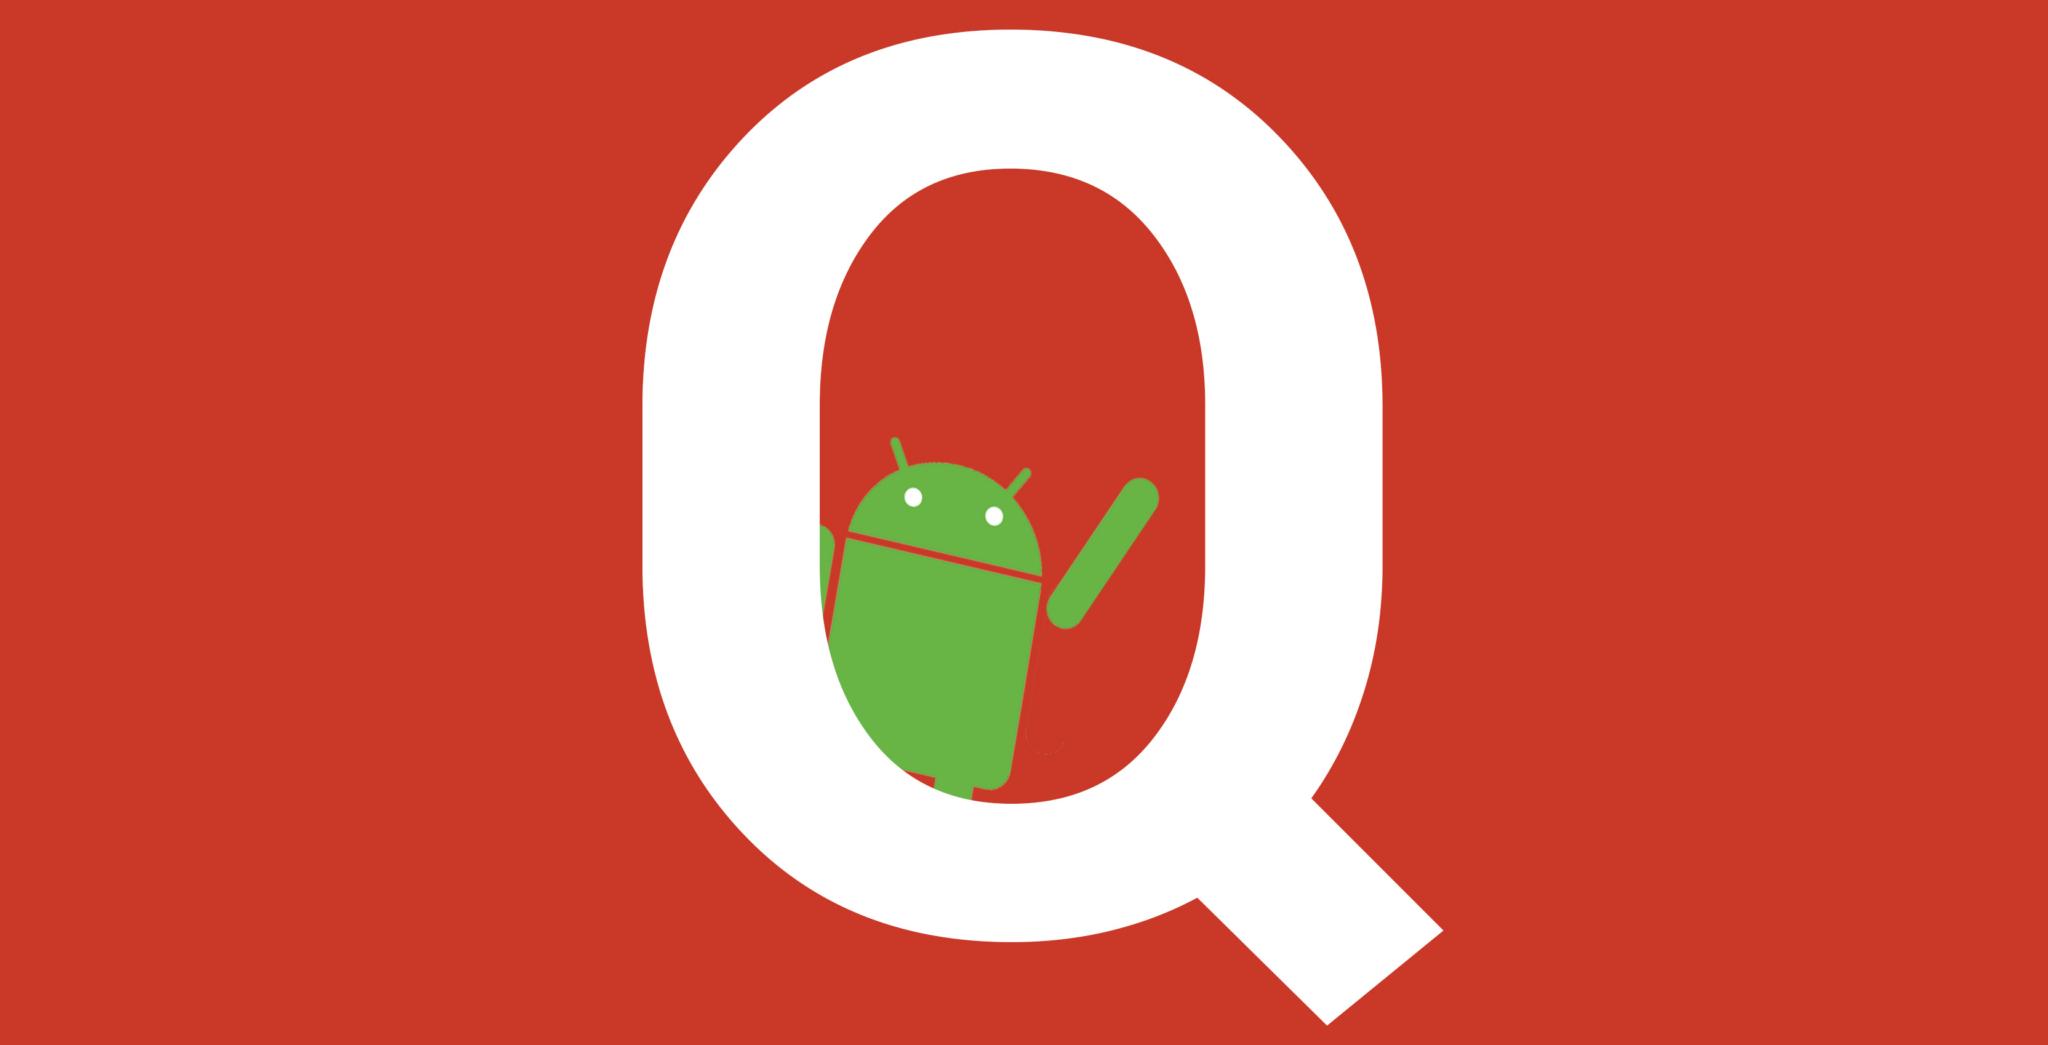 Vychází poslední Android Q Beta [aktualizováno]